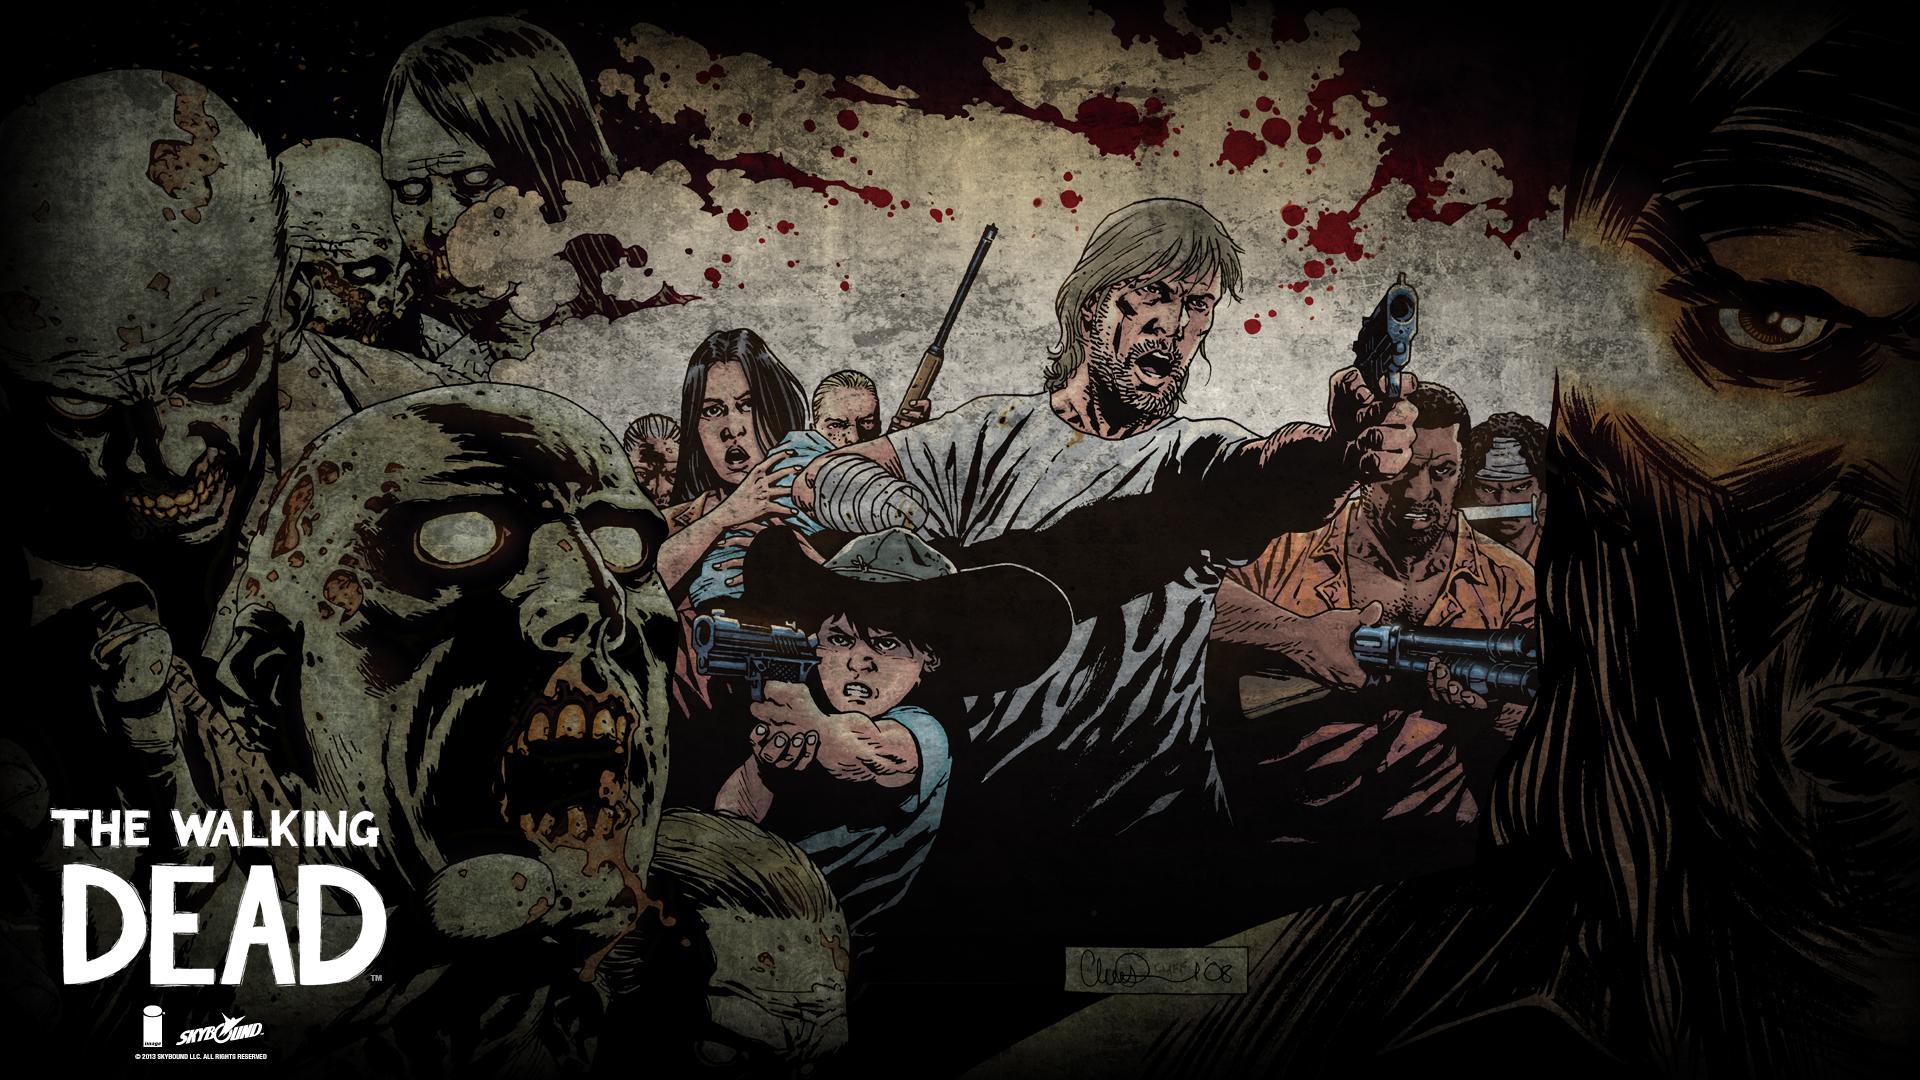 The Walking Dead Computer Wallpapers Desktop Backgrounds 1920x1080 1920x1080